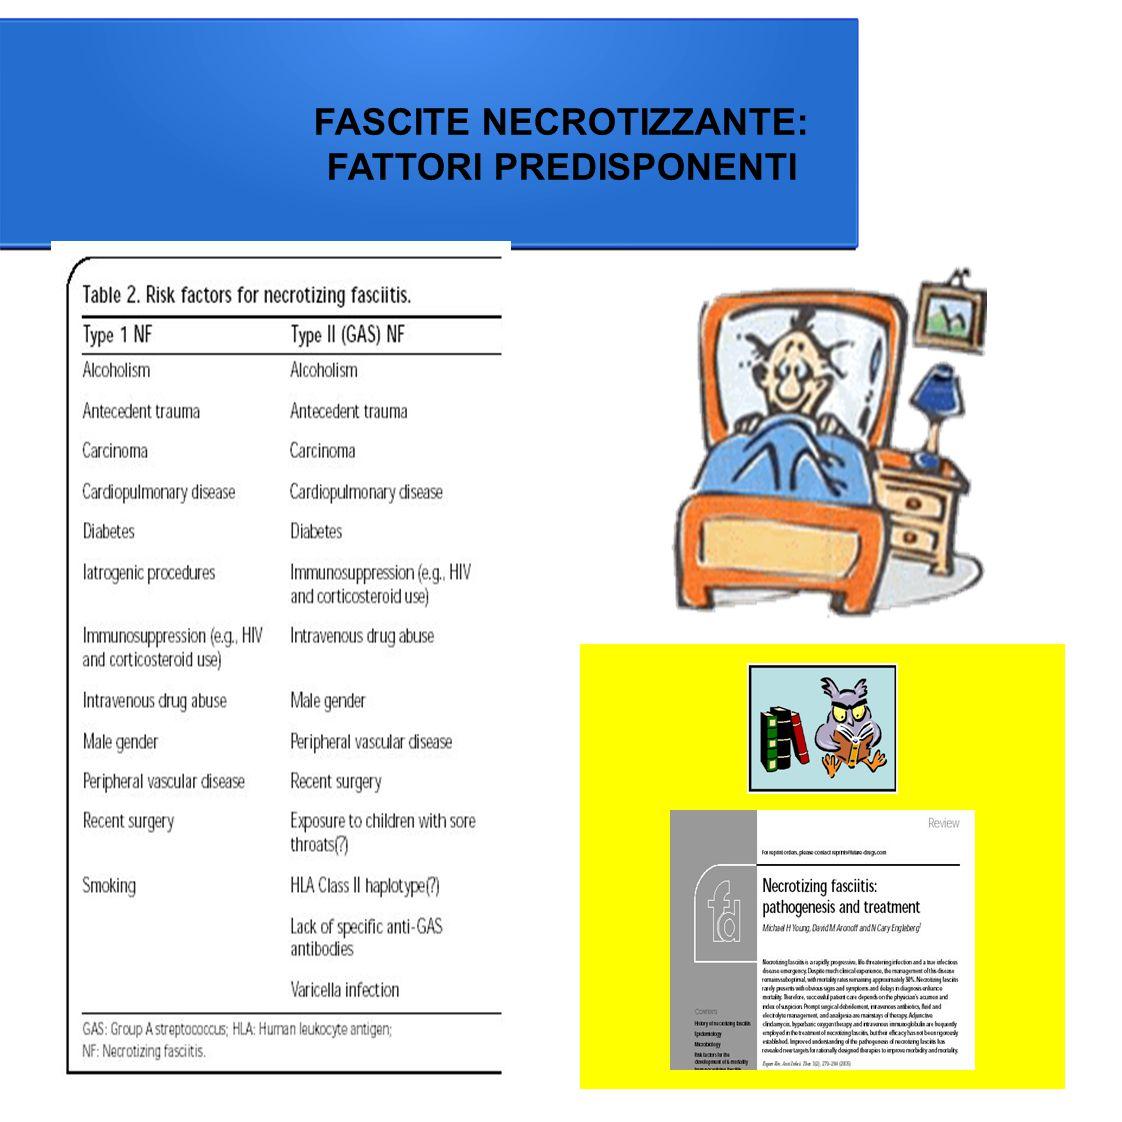 FASCITE NECROTIZZANTE: FATTORI PREDISPONENTI